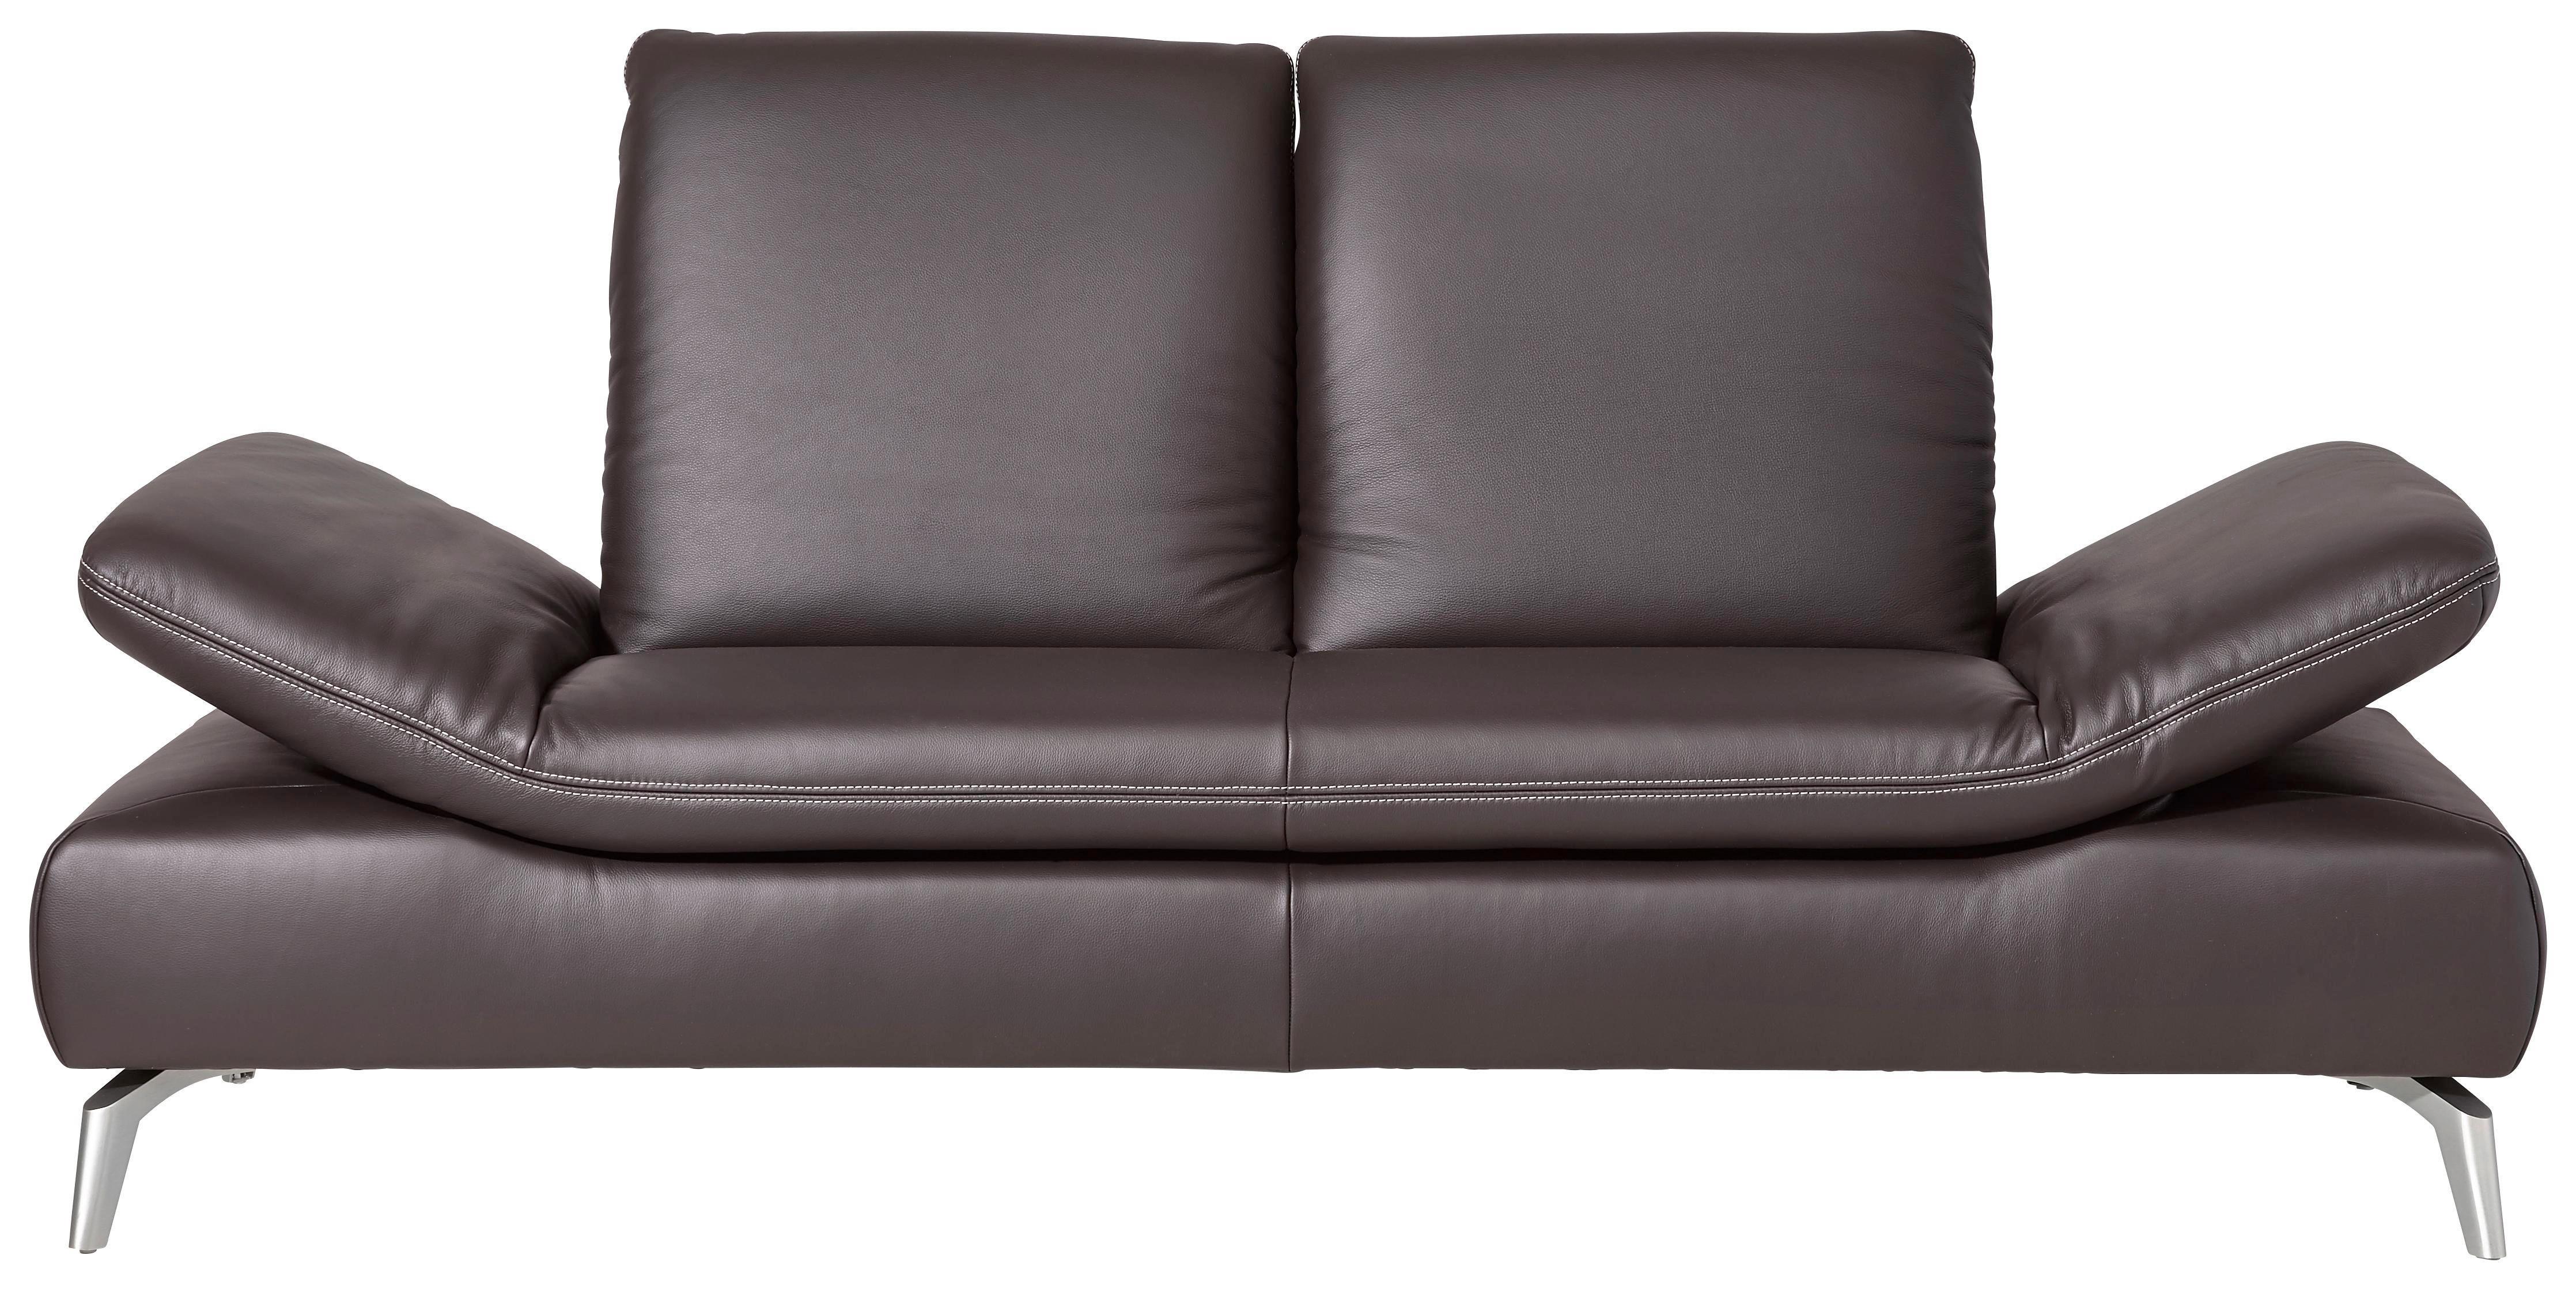 Sympathisch Sofa Echtleder Beste Wahl Elegant Elegant Braun Design Leder With Couch